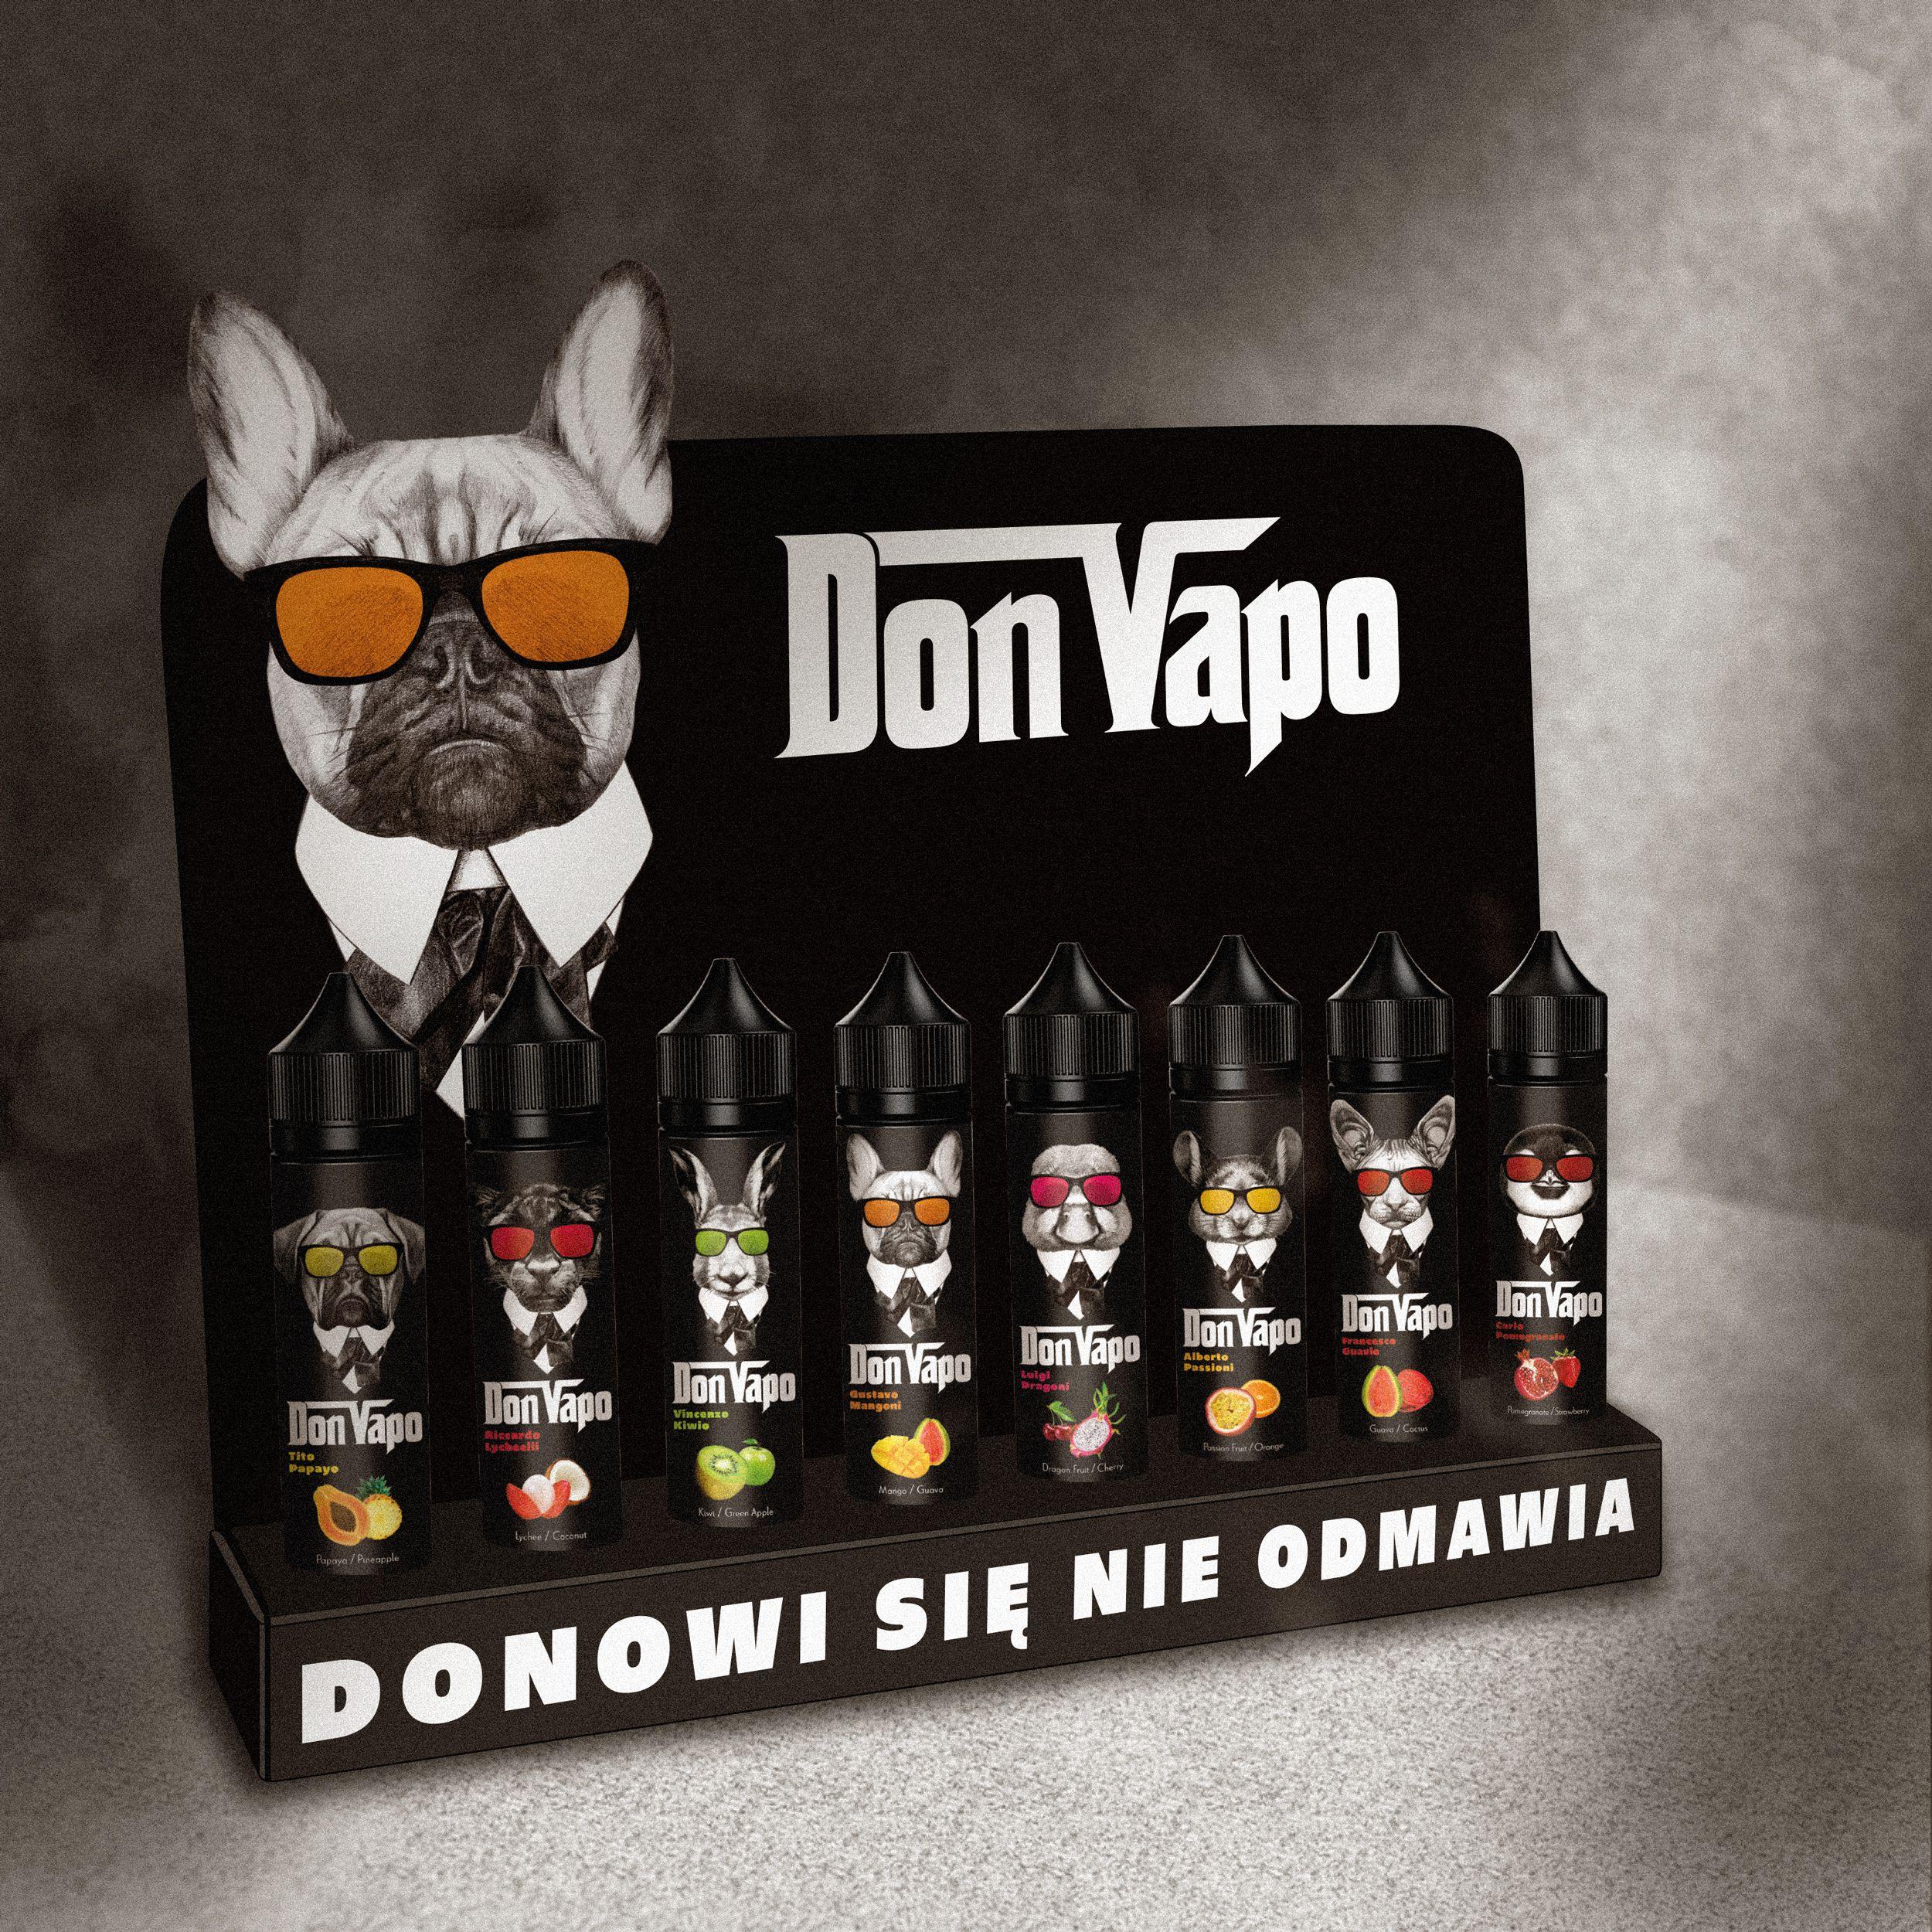 Projekt trybuki dla opakowań premixów Don Vapo